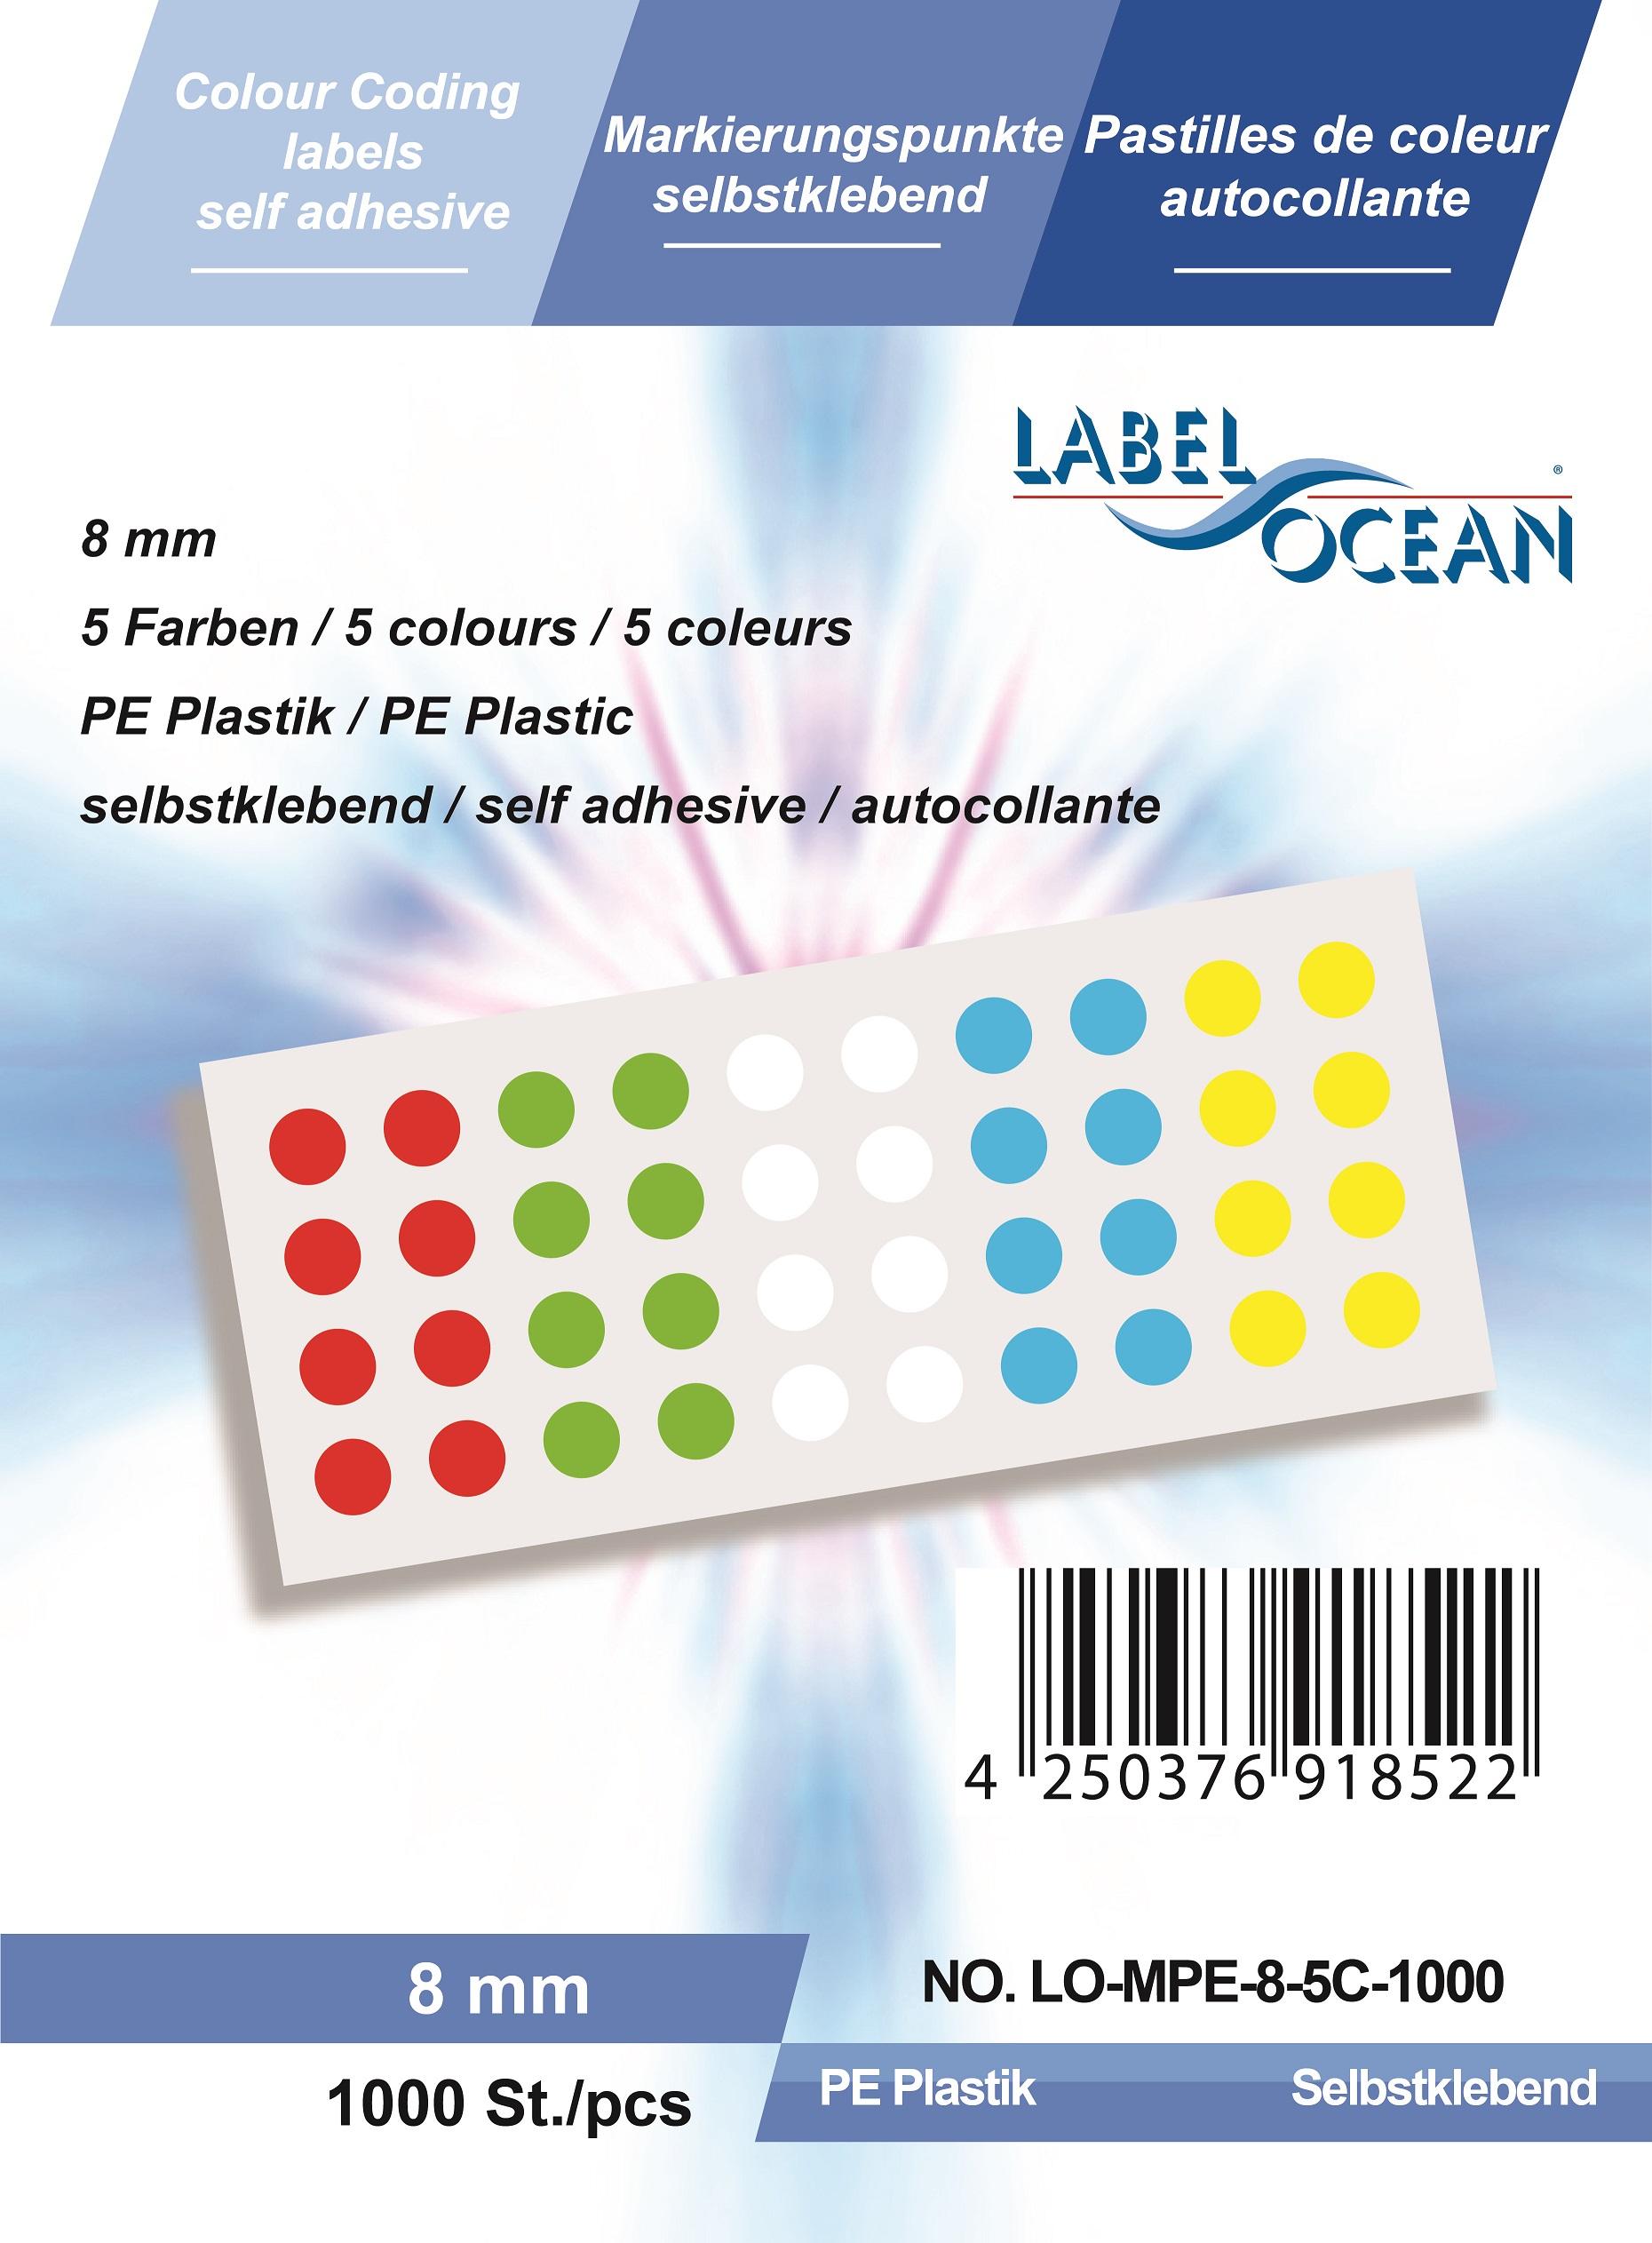 R Markierungspunkte rund aus Metallfolie von LabelOcean Klebepunkte 12mm